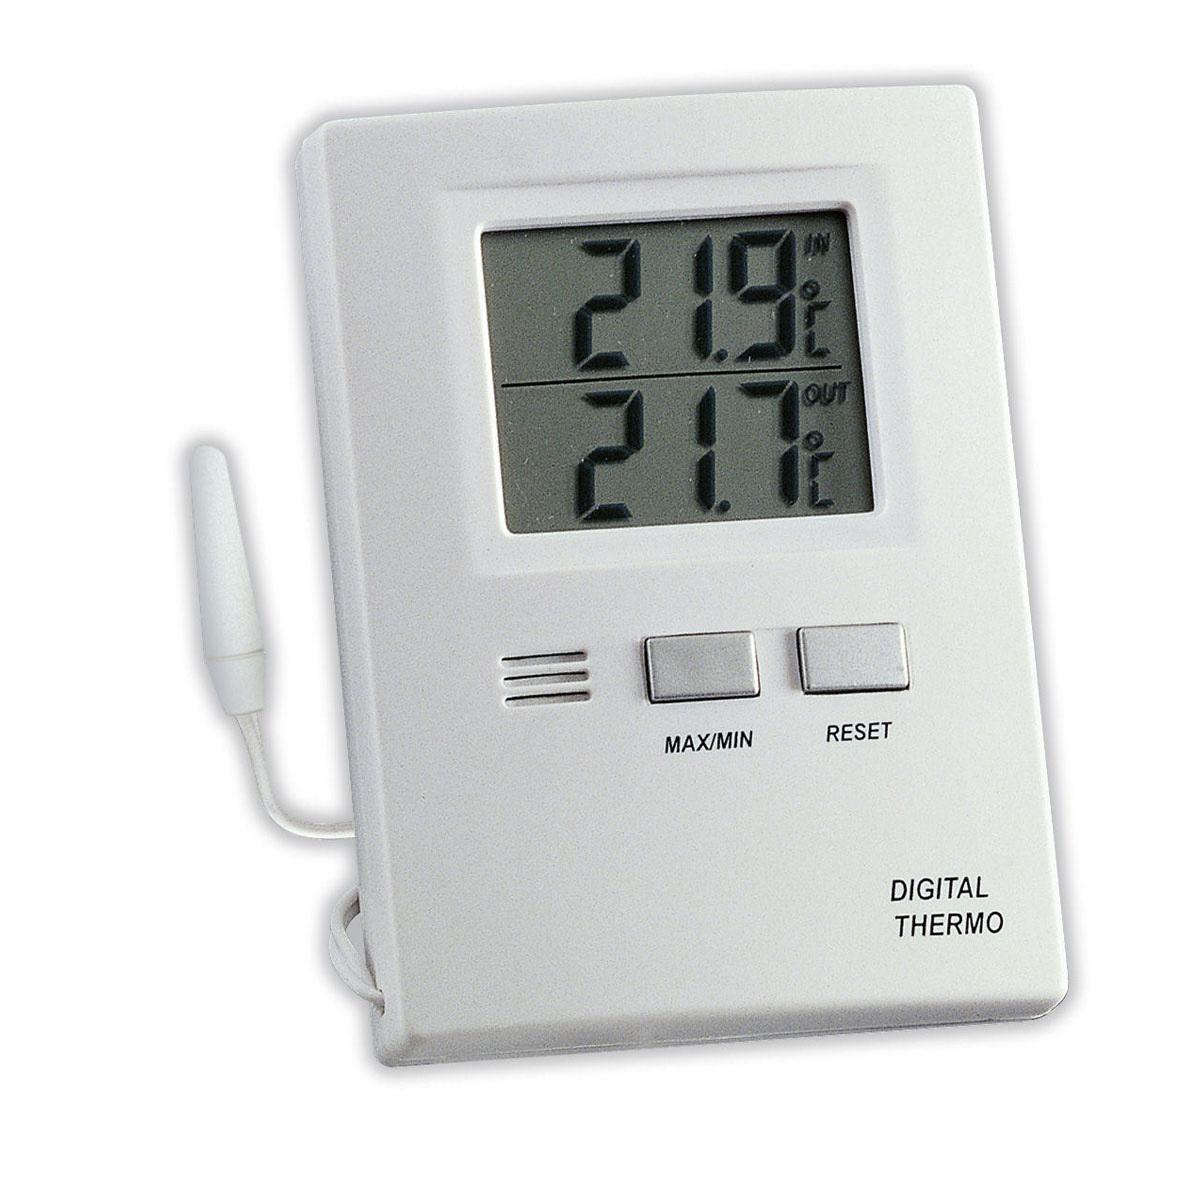 30-1012-digitales-innen-aussen-thermometer-1200x1200px.jpg